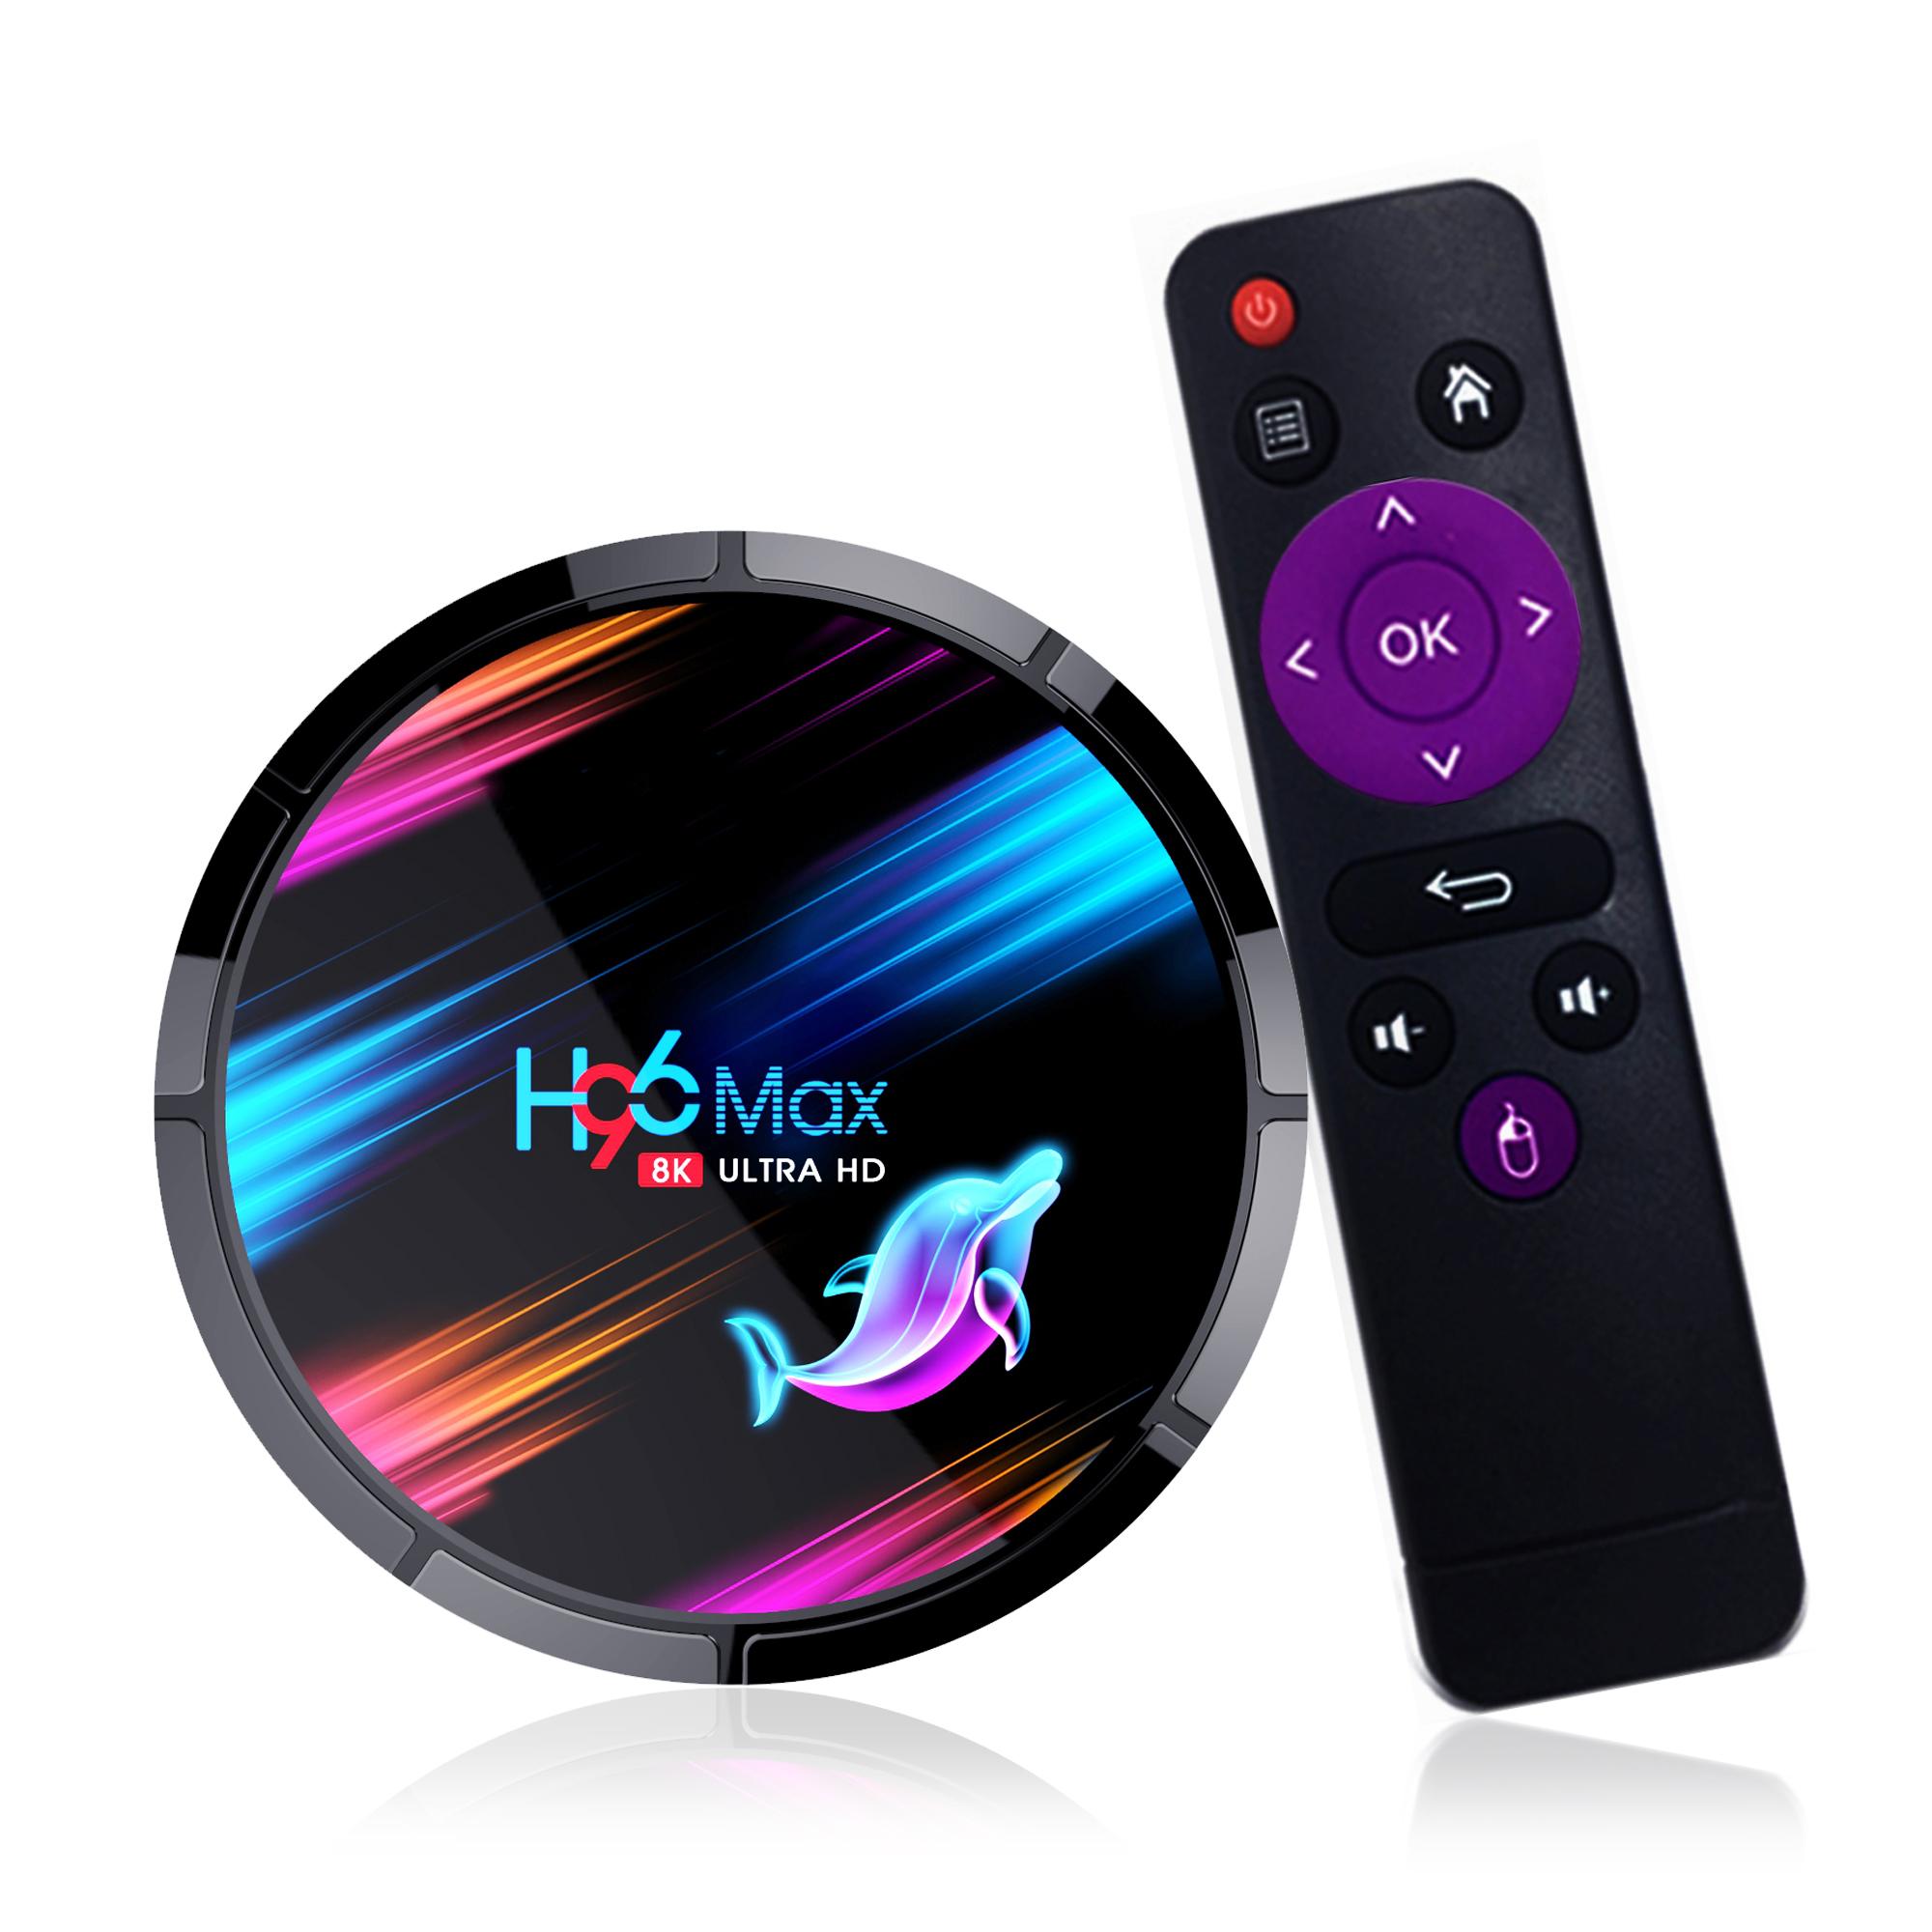 2020 מפעל האחרון אנדרואיד 9.0 טלוויזיה תיבת H96 מקס X3 Amlogic S905X3 שבבים 8K Dual Band Wifi החכם אנדרואיד טלוויזיה תיבת 4GB + 32GB